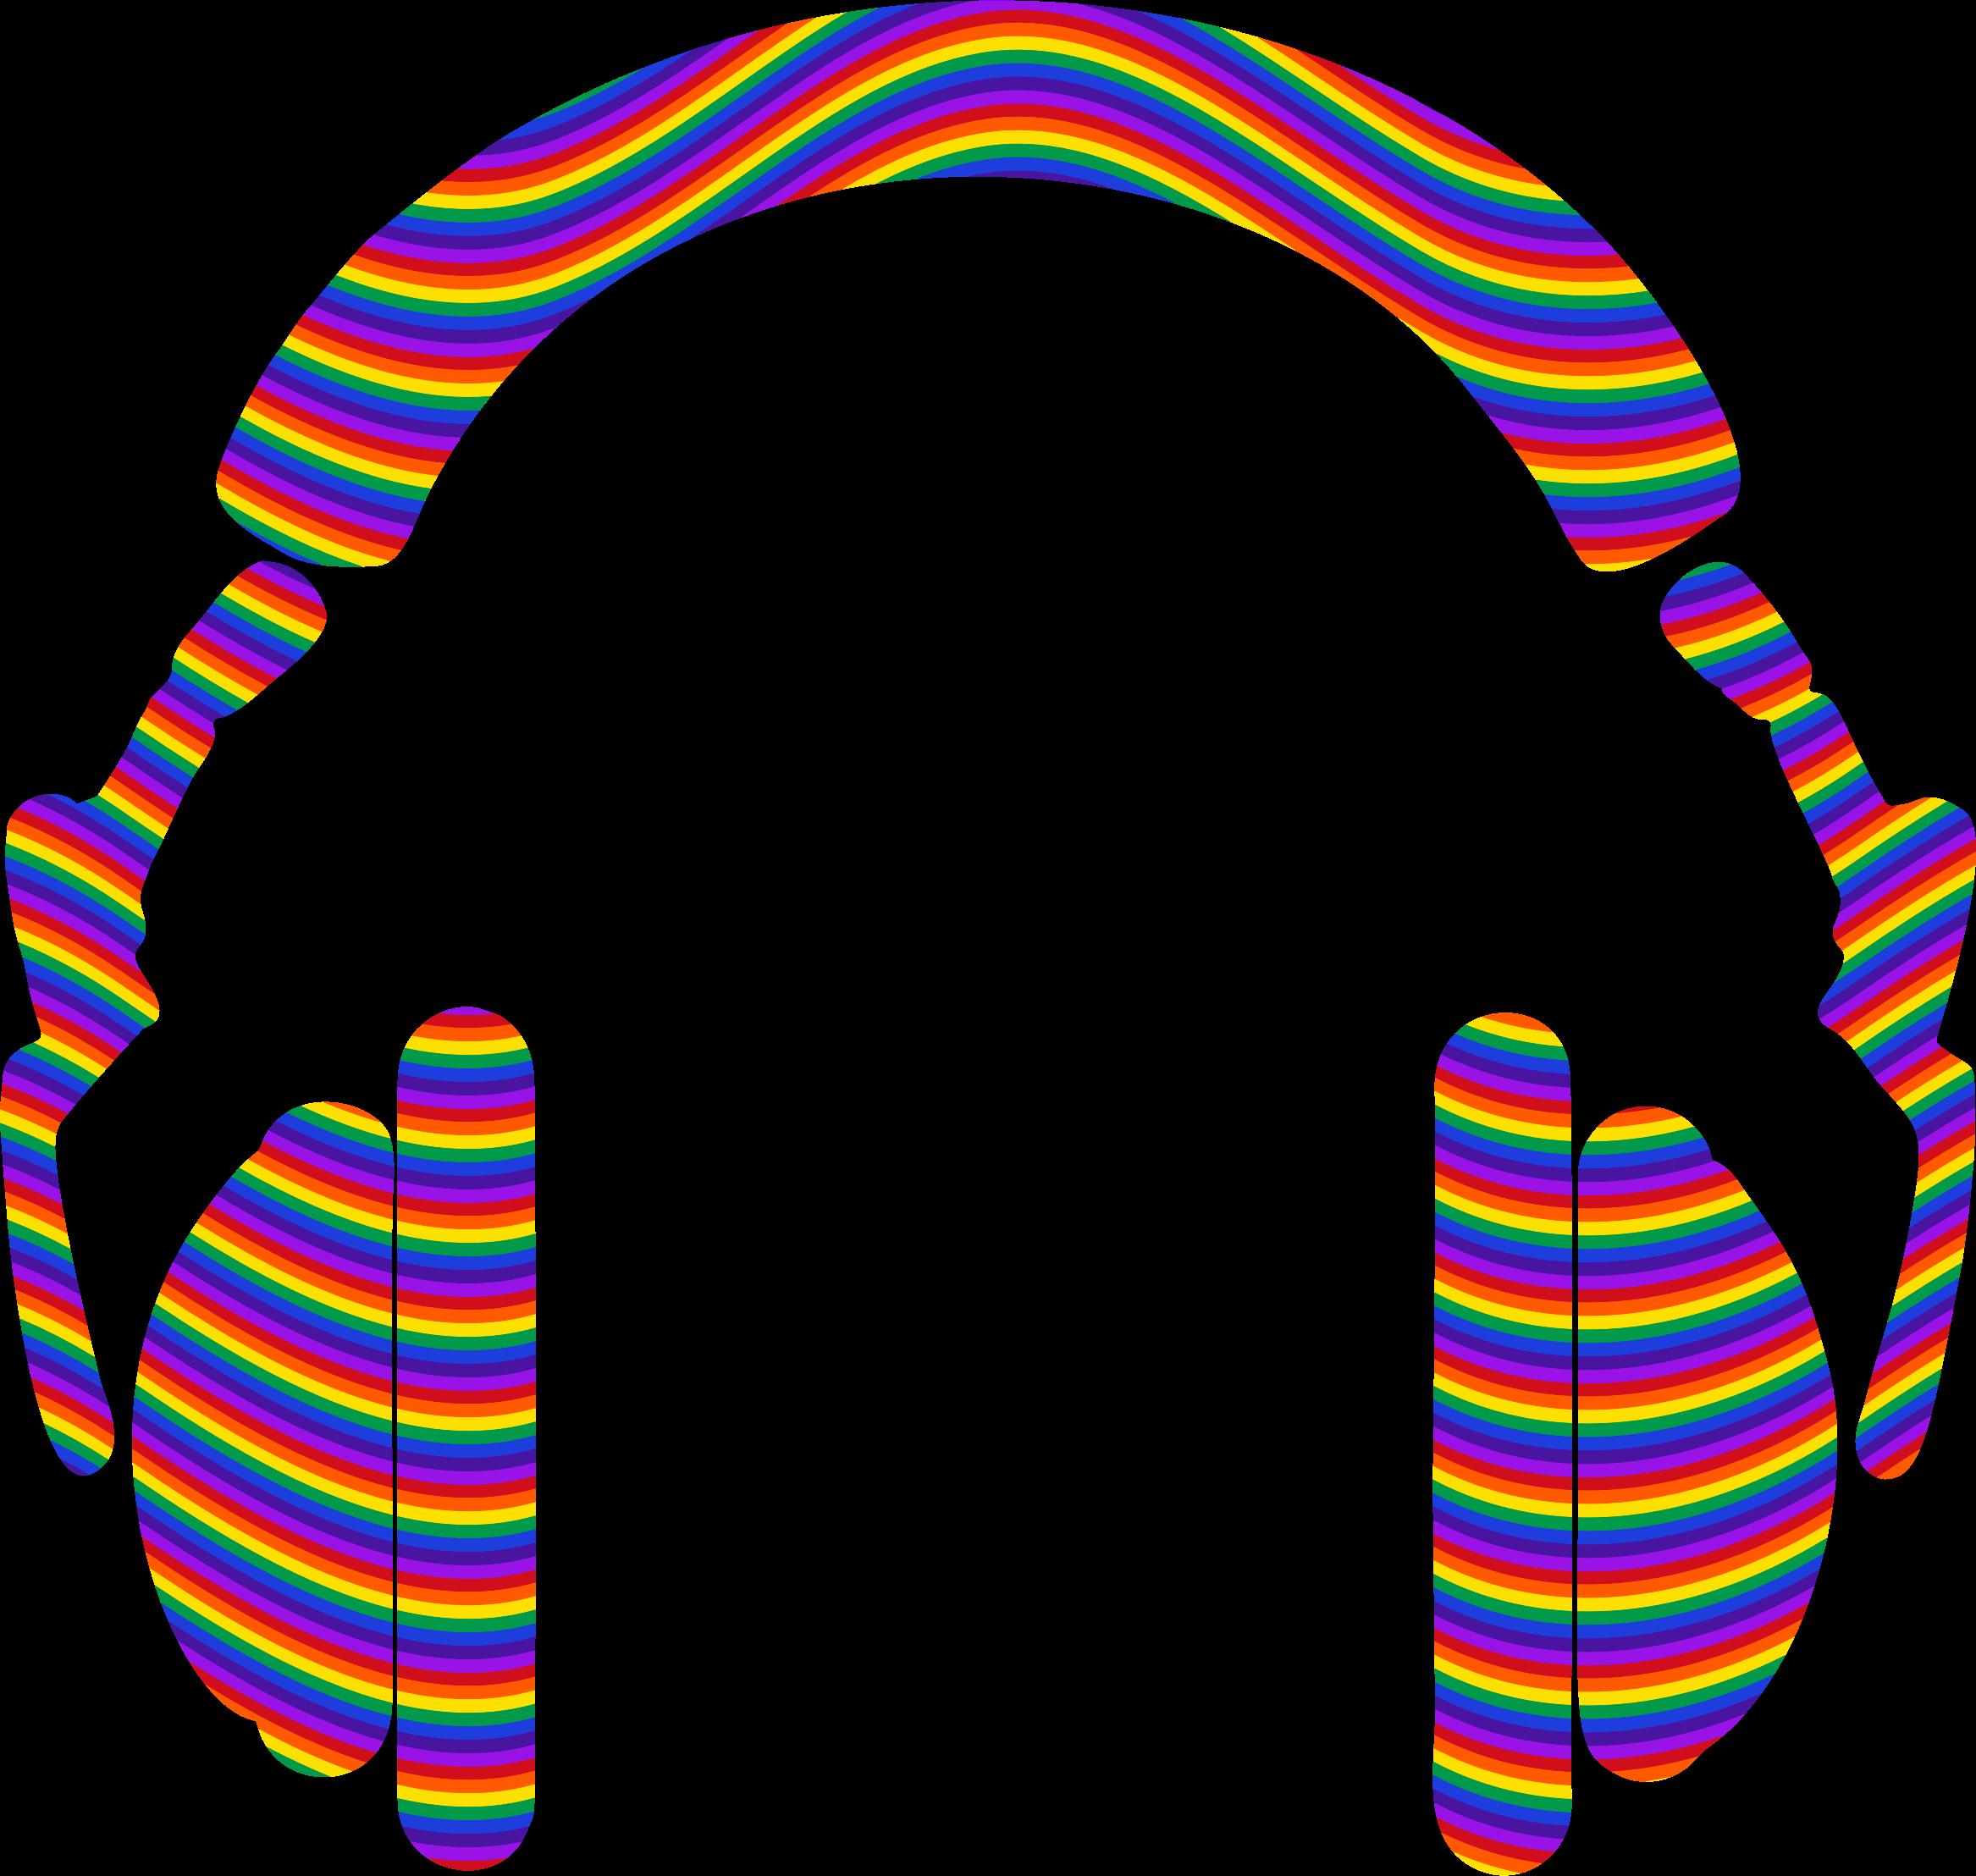 Clipart Waves Rainbow.